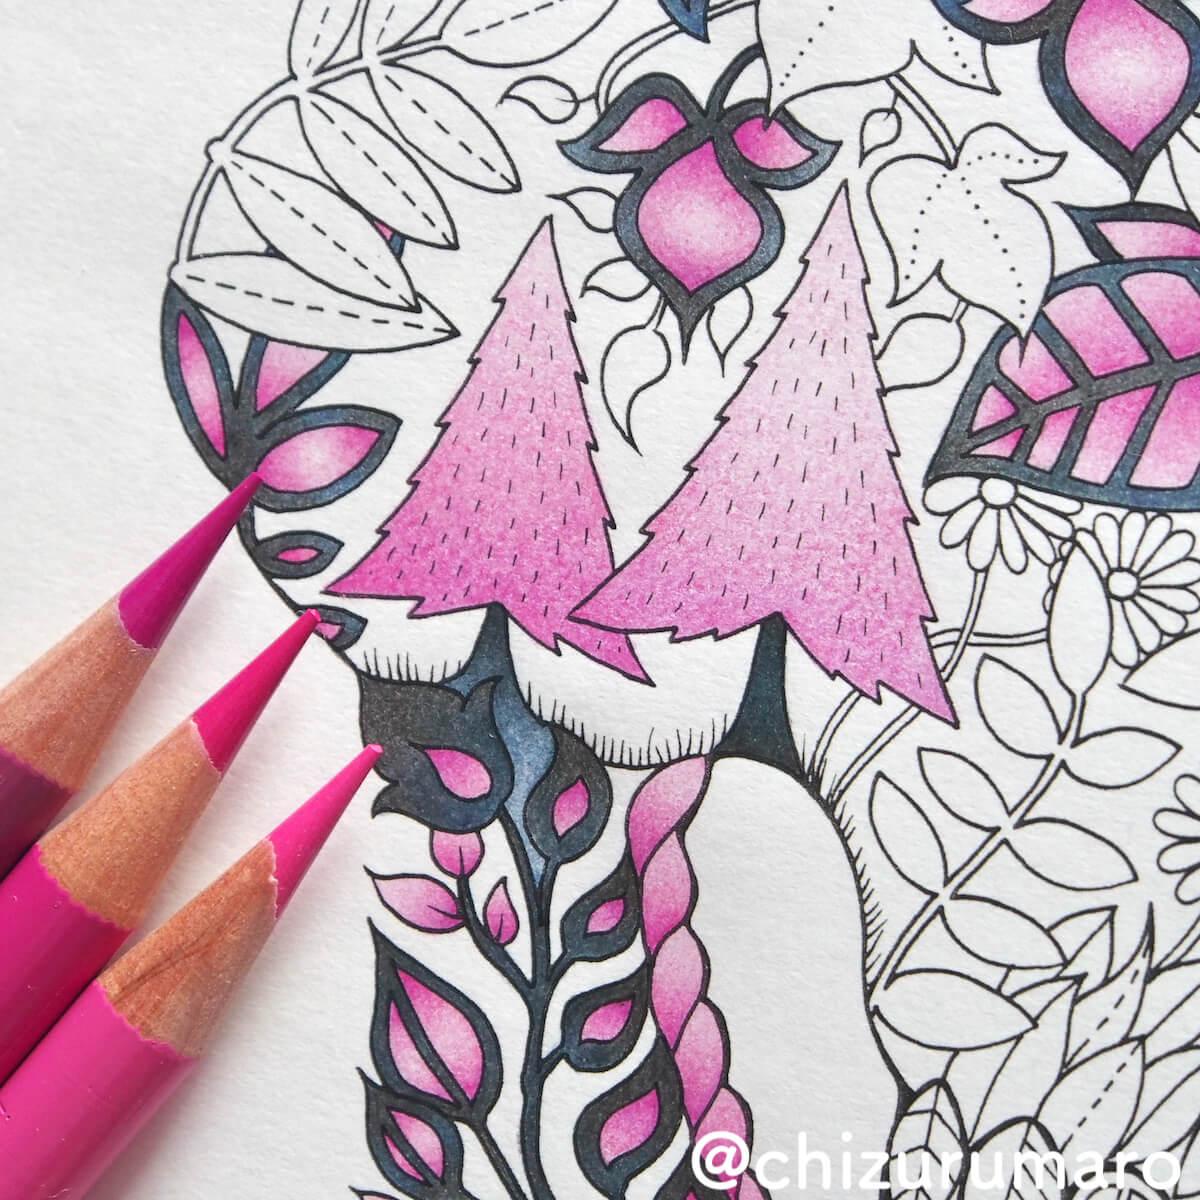 色鉛筆で作る同系色のグラデーションの塗り方 上から下方向へ ちづるのもっと ぬりえライフ